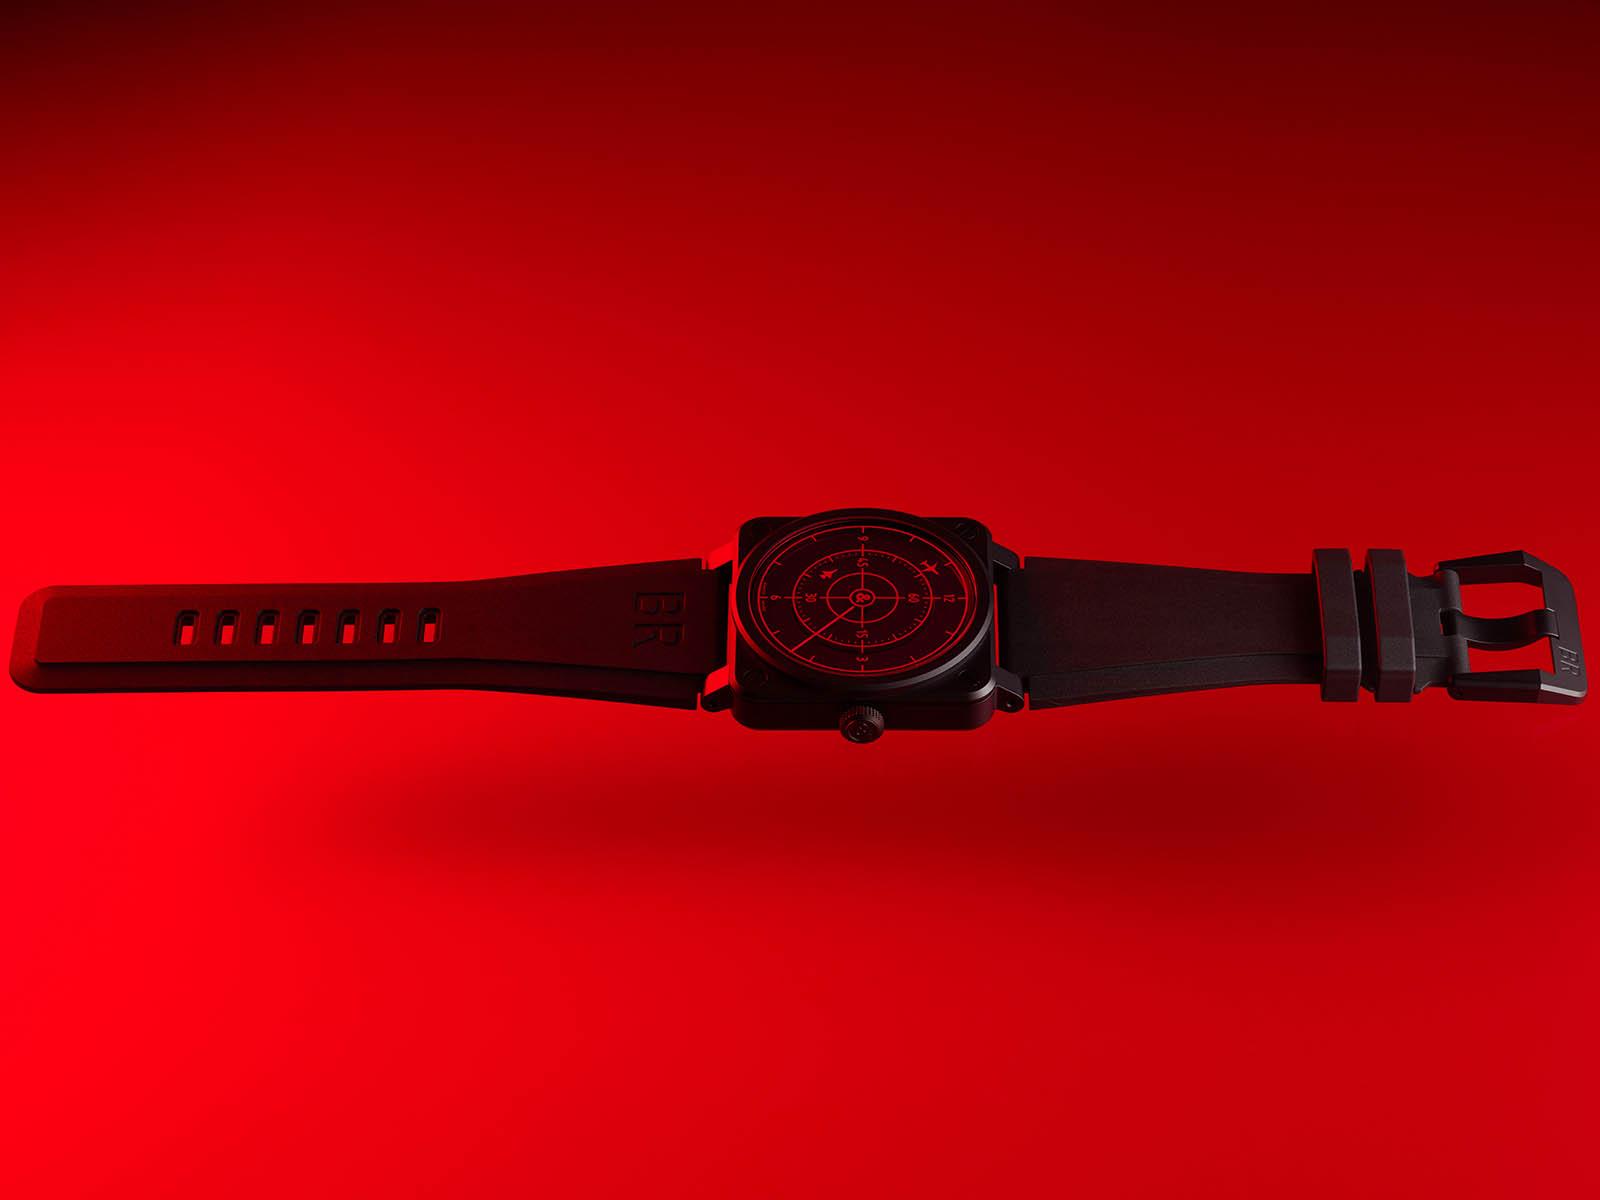 br0392-rrdr-ce-srb-bell-ross-br-03-42-red-radar-ceramic-5.jpg